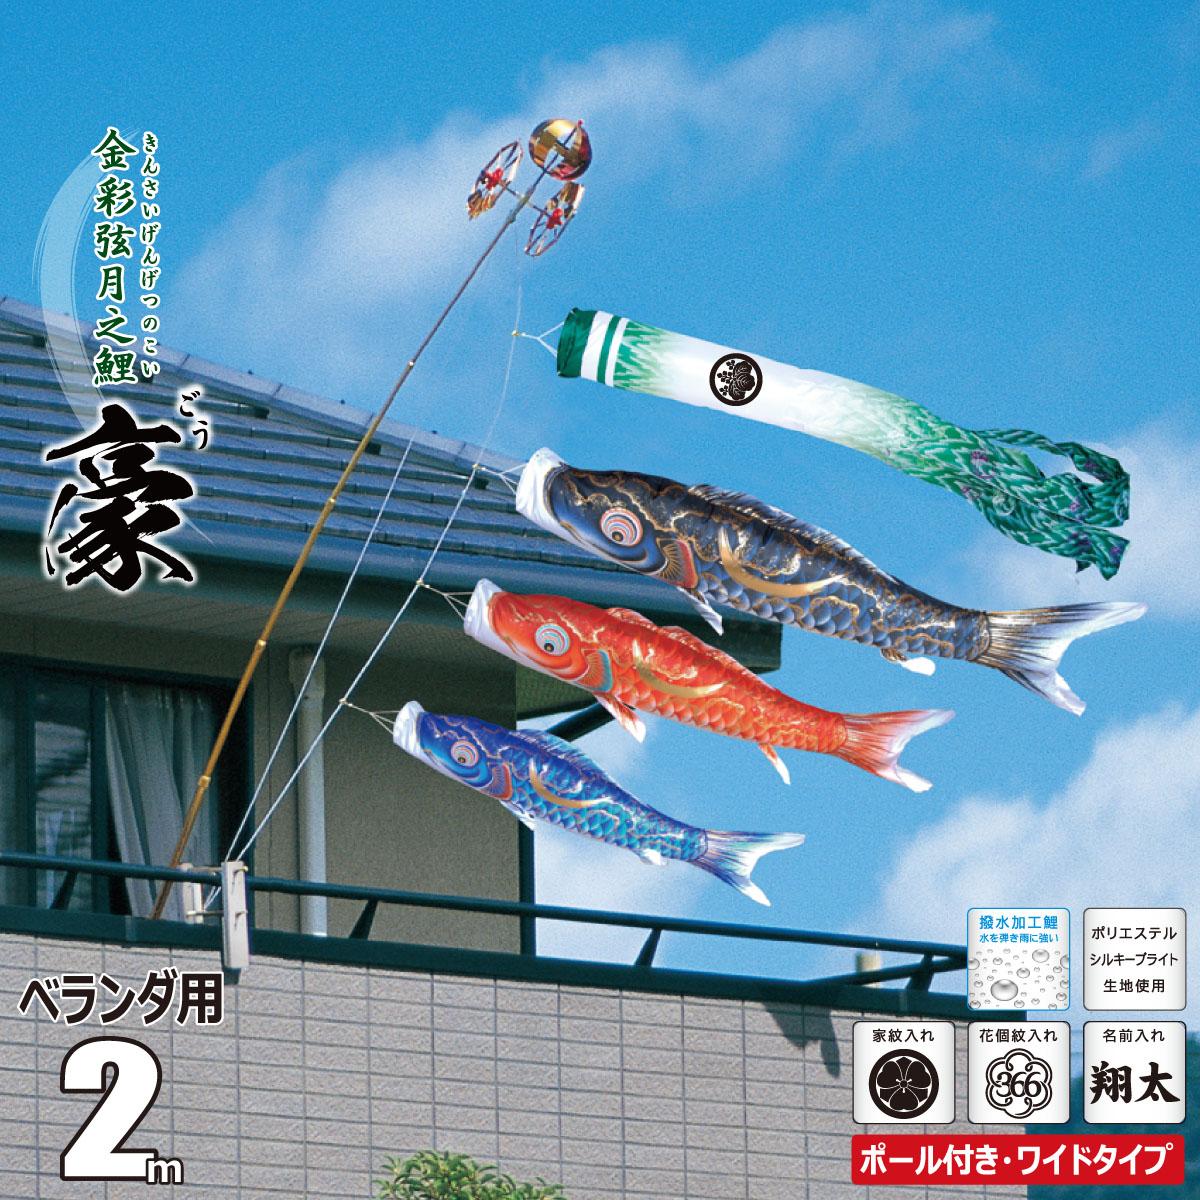 こいのぼり 2m 豪(ごう) (矢車、ロープ、吹流し、鯉3匹) ベランダ用 スーパーロイヤルセット (ベランダ用 取付金具付き) 徳永鯉のぼり KIT-121-360